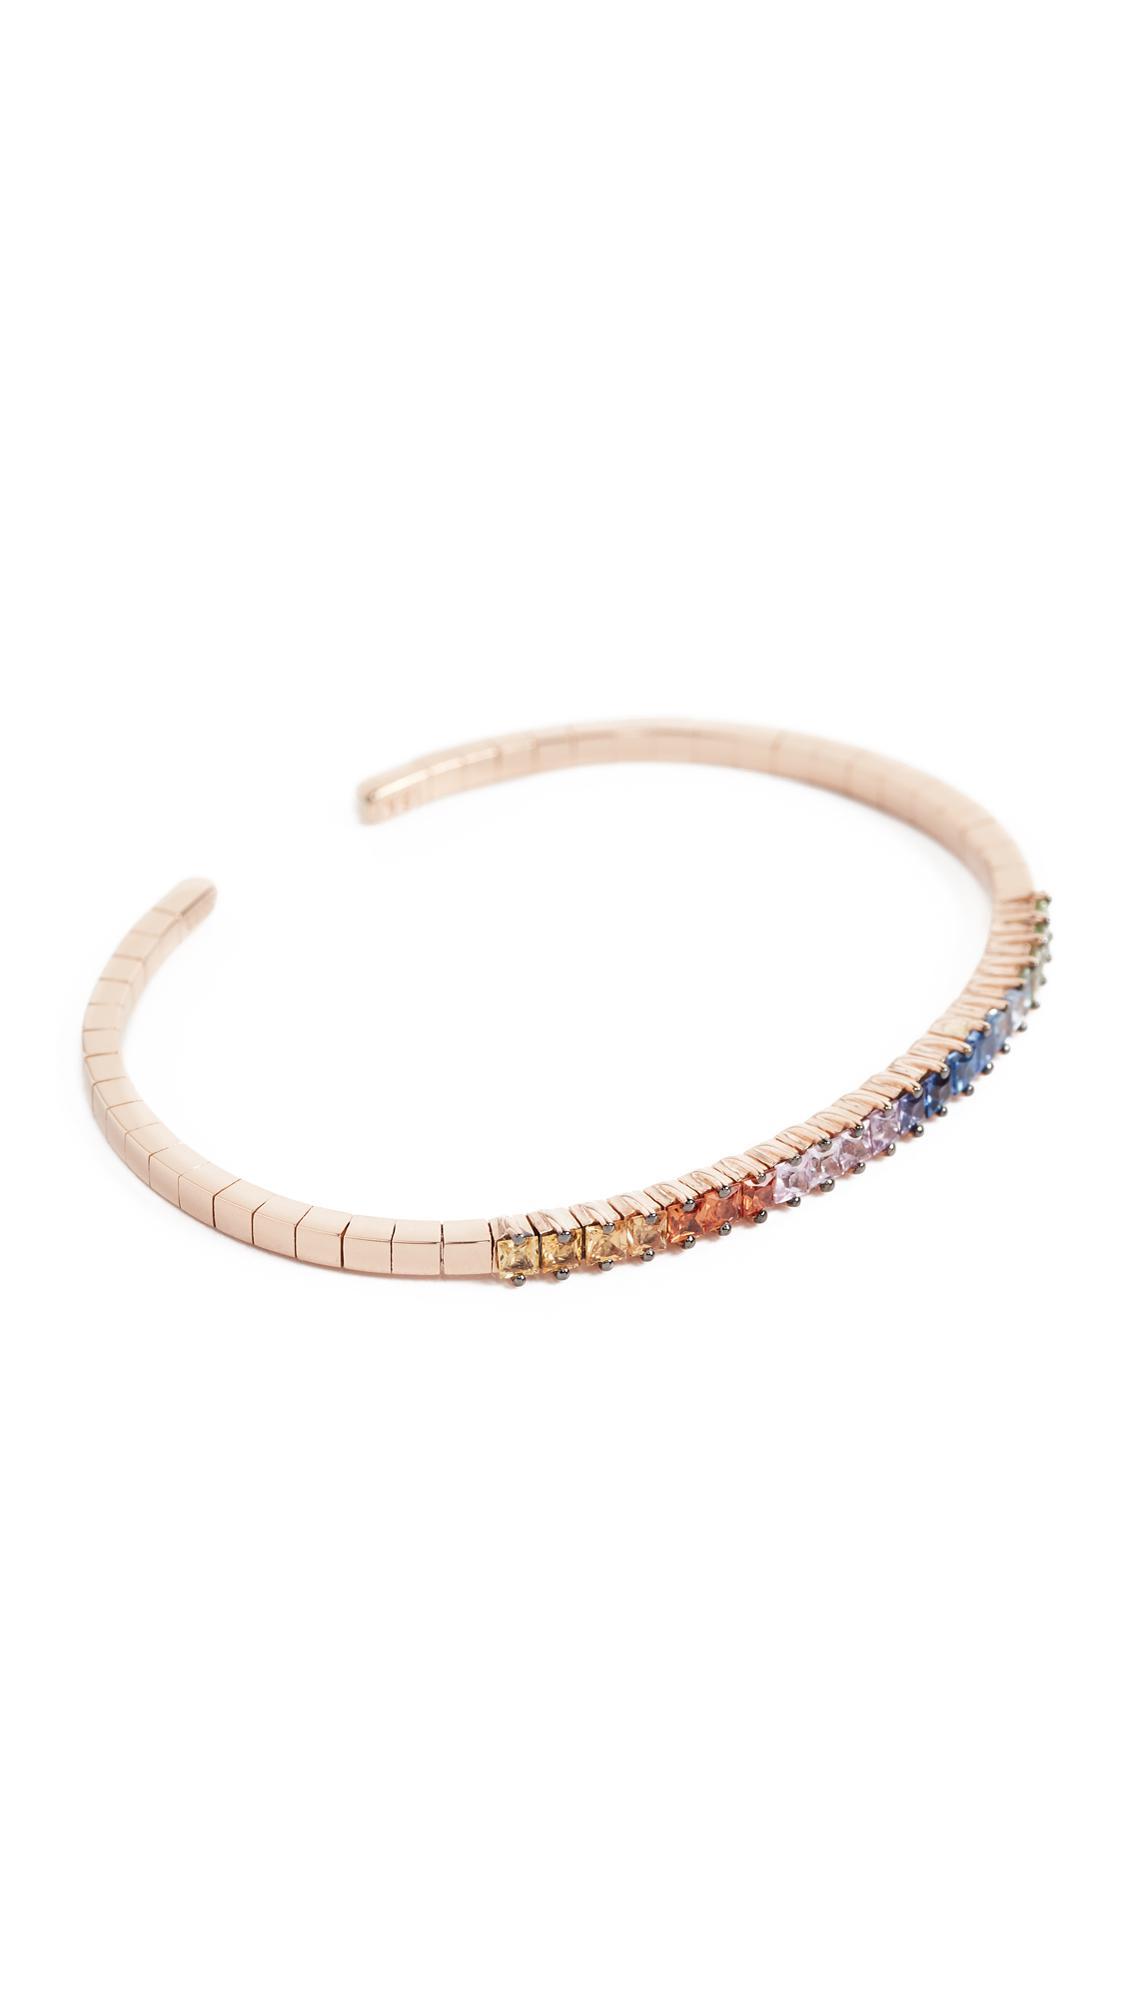 Suzanne Kalan 18k Gold Rainbow Fireworks Cuff Bracelet 0HXKz5lC0